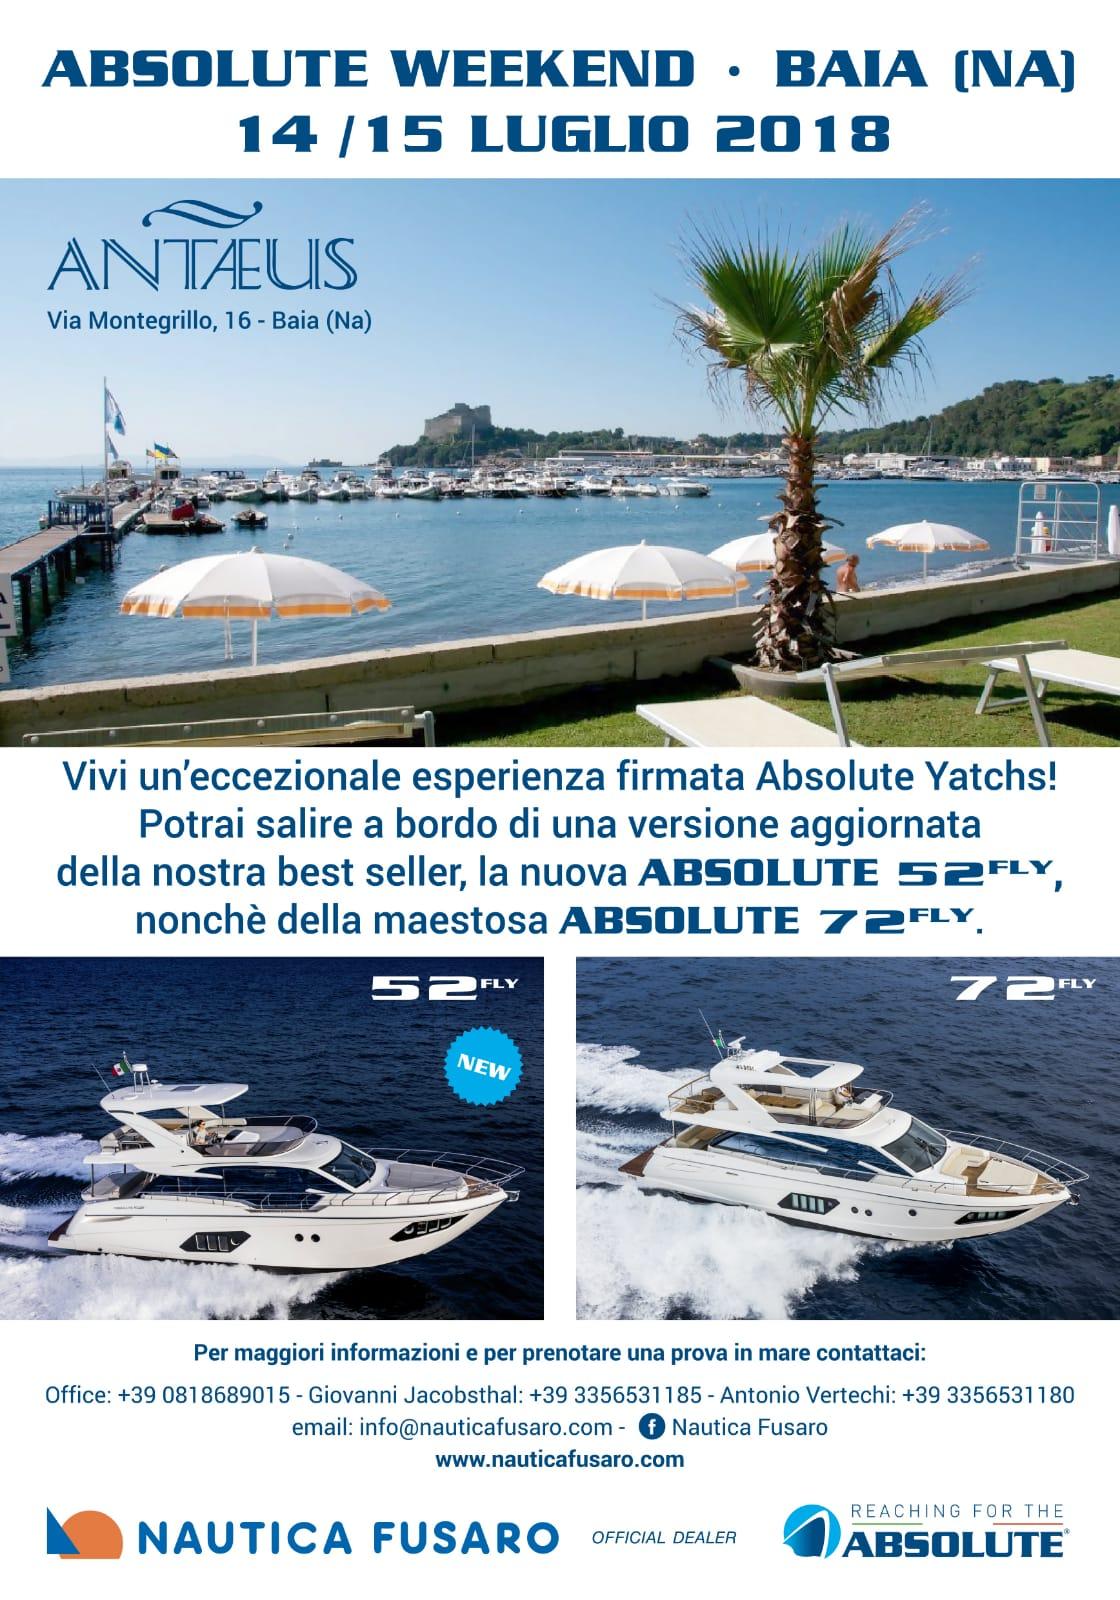 Absolute_Weekend_Baia_Nautica_Fusaro